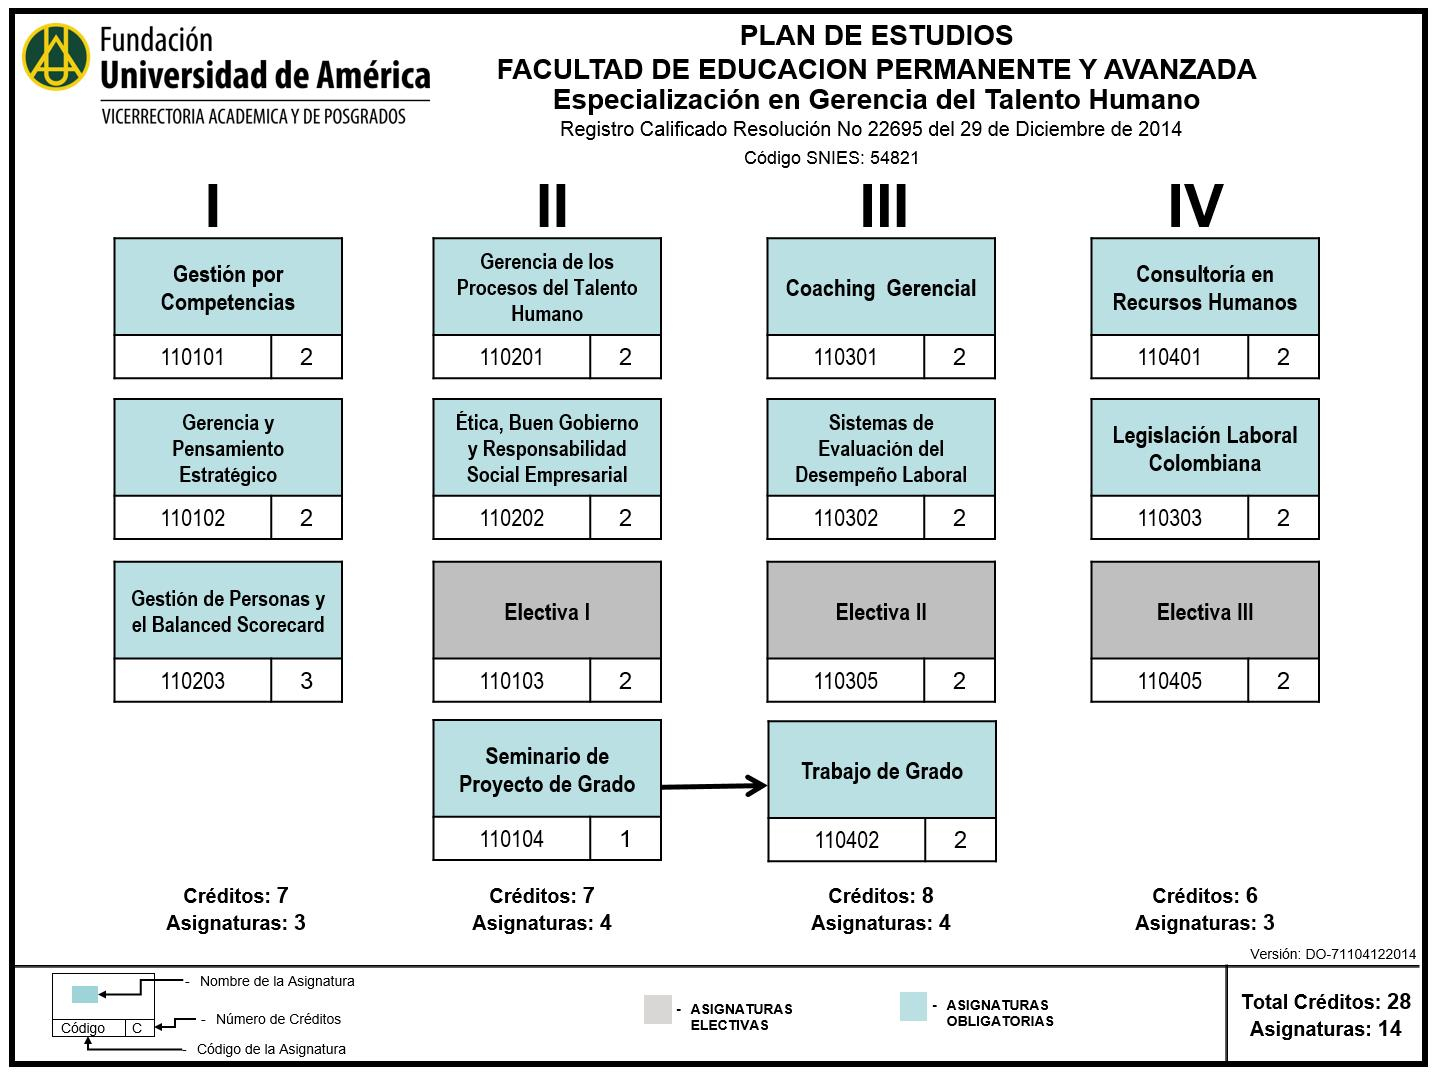 plan-especializacion-gerencia-del-talento-humano-1.jpg